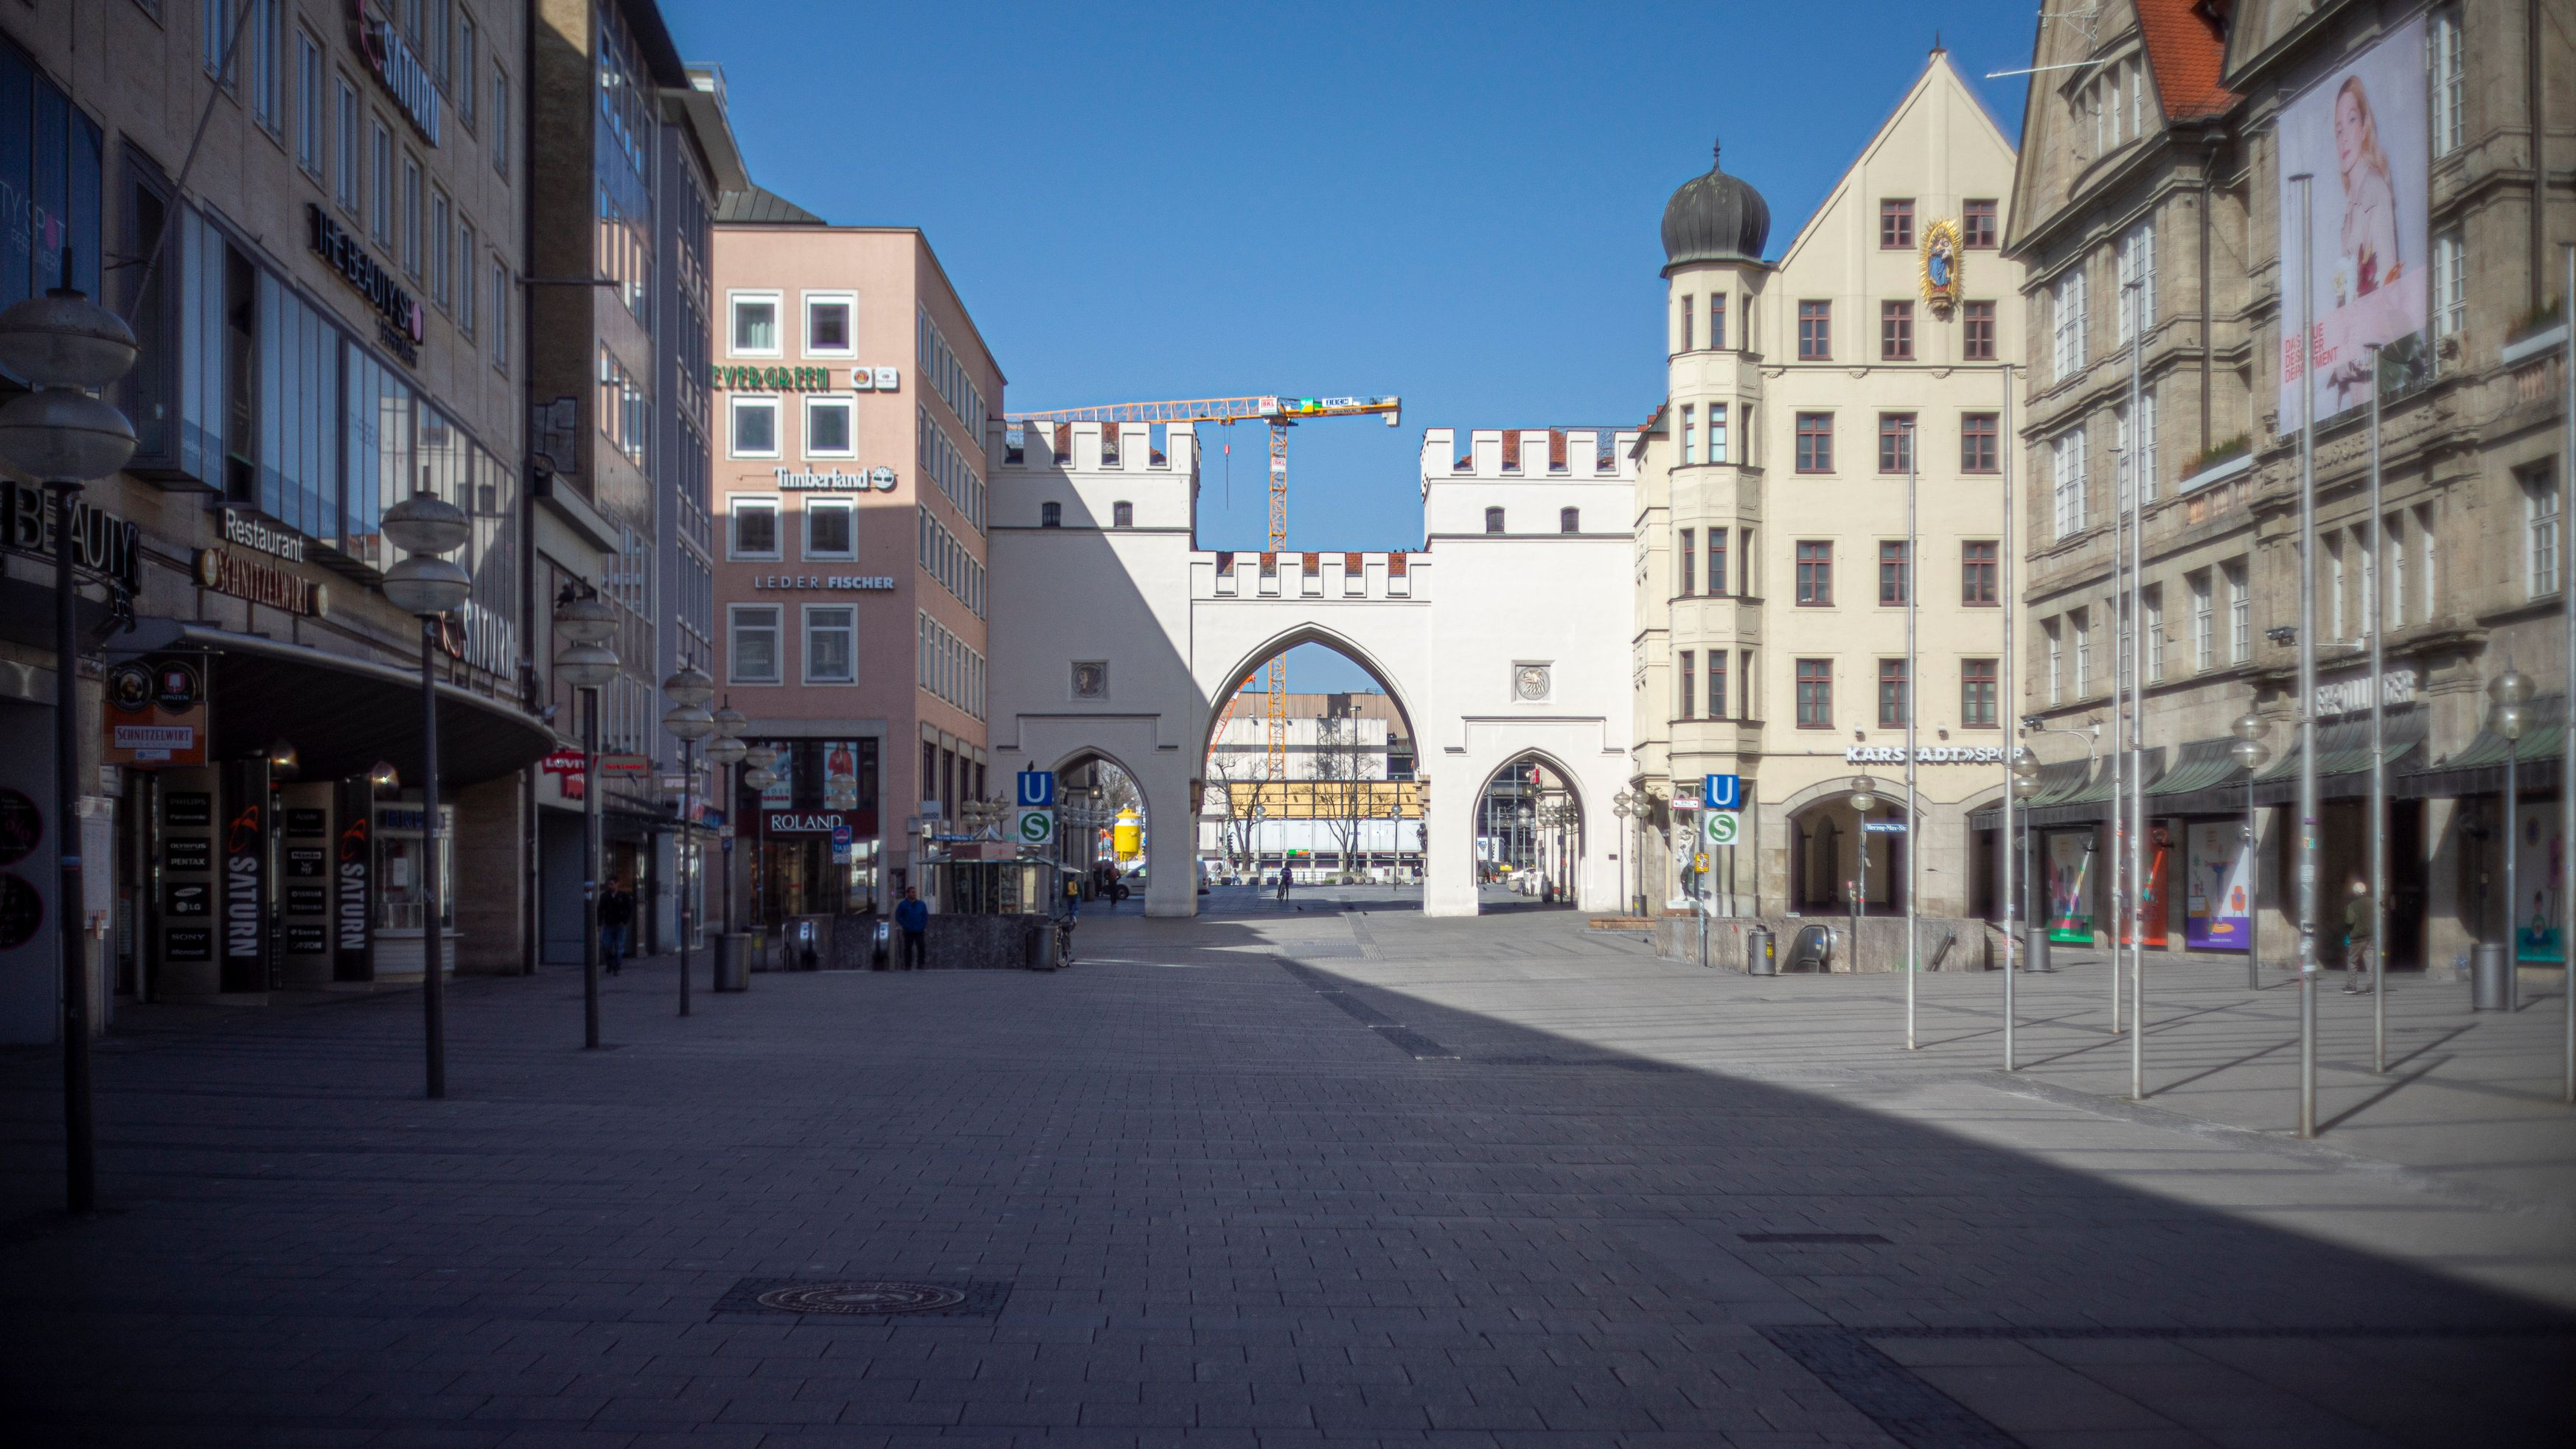 Die Fußgängerzone vor dem Karlstor am Stachus ist komplett leer.